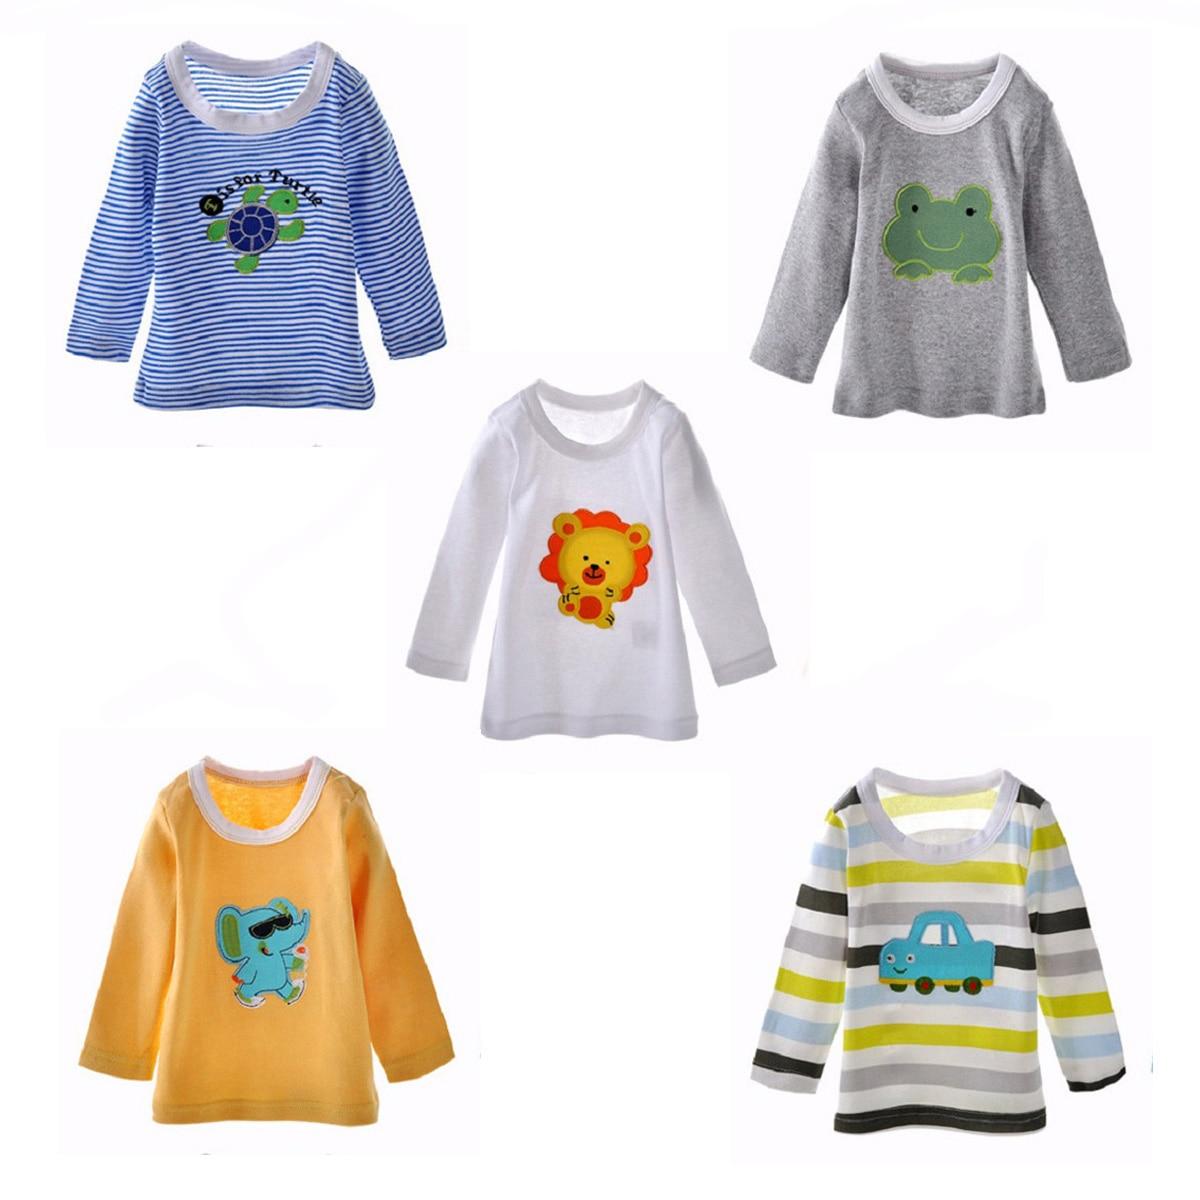 5 Stks/set Baby T Shirts Hoge Kwaliteit Katoen Lange Mouwen Kleding Voor Pasgeboren Borduren Cartoon Animal Ontwerp Baby Jongens Kleding Kwaliteit En Kwantiteit Verzekerd